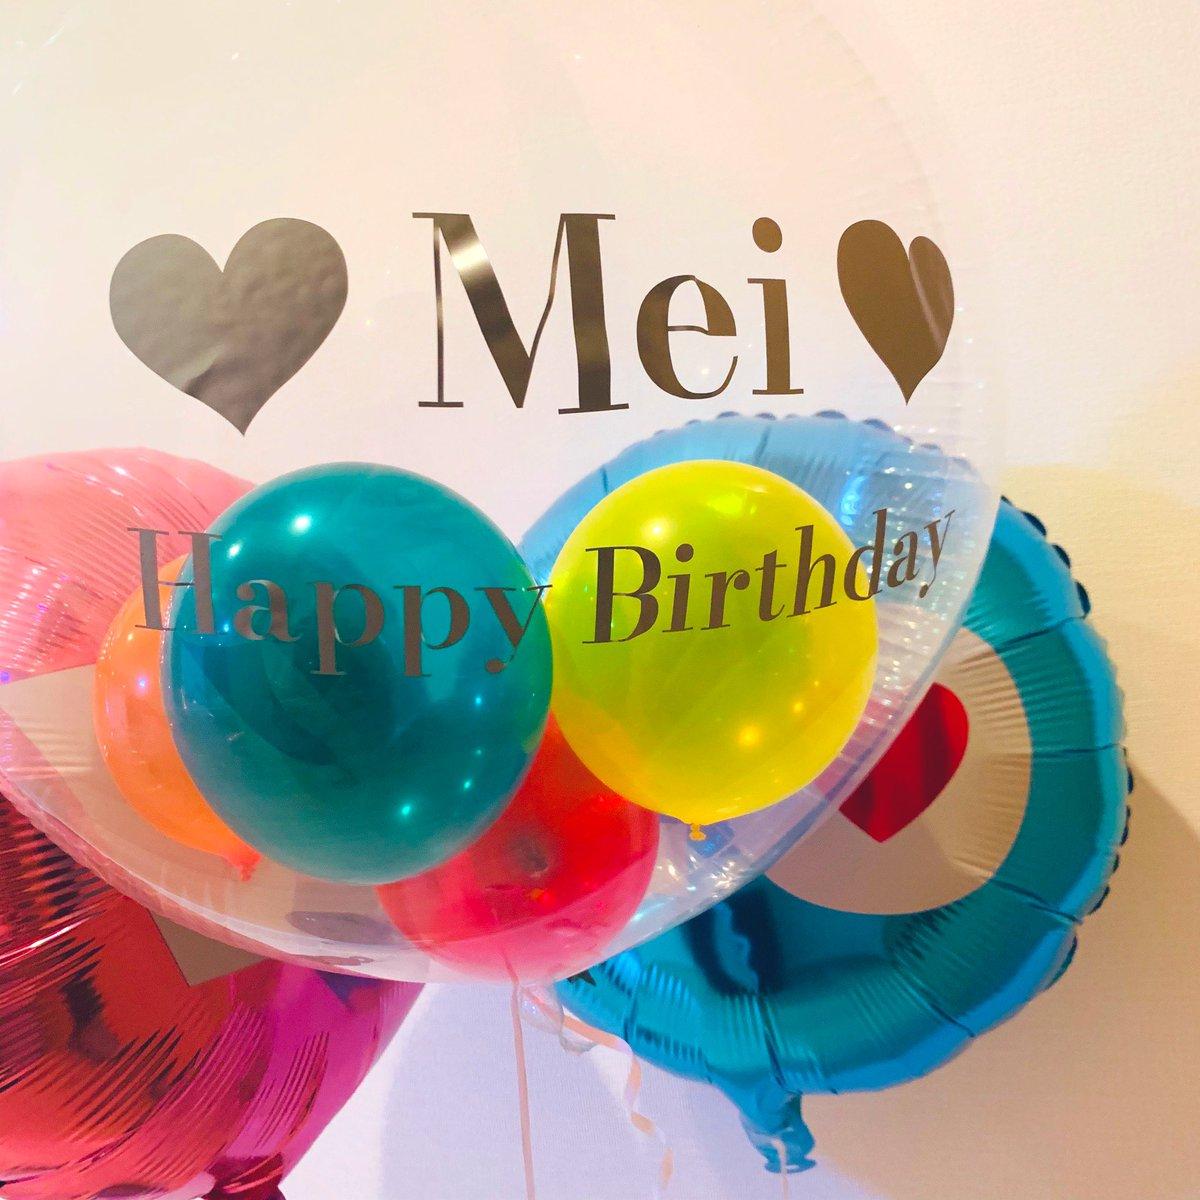 21歳になりました☺︎沢山のお祝いコメントありがとうございます💞嬉しい〜よ〜。また今日からがんばります💪